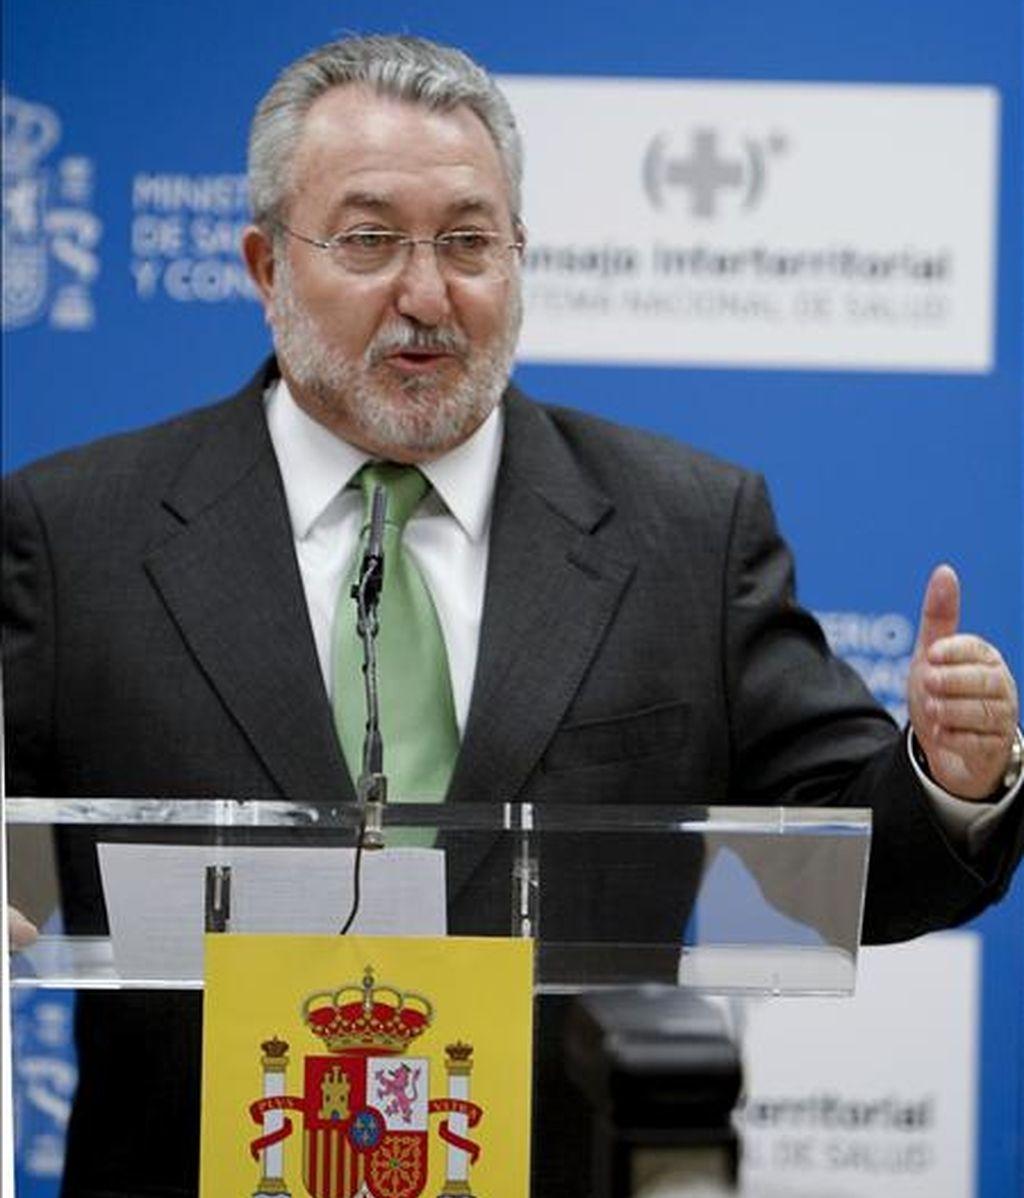 El hasta ahora ministro de Sanidad Bernat Soria. EFE/Archivo